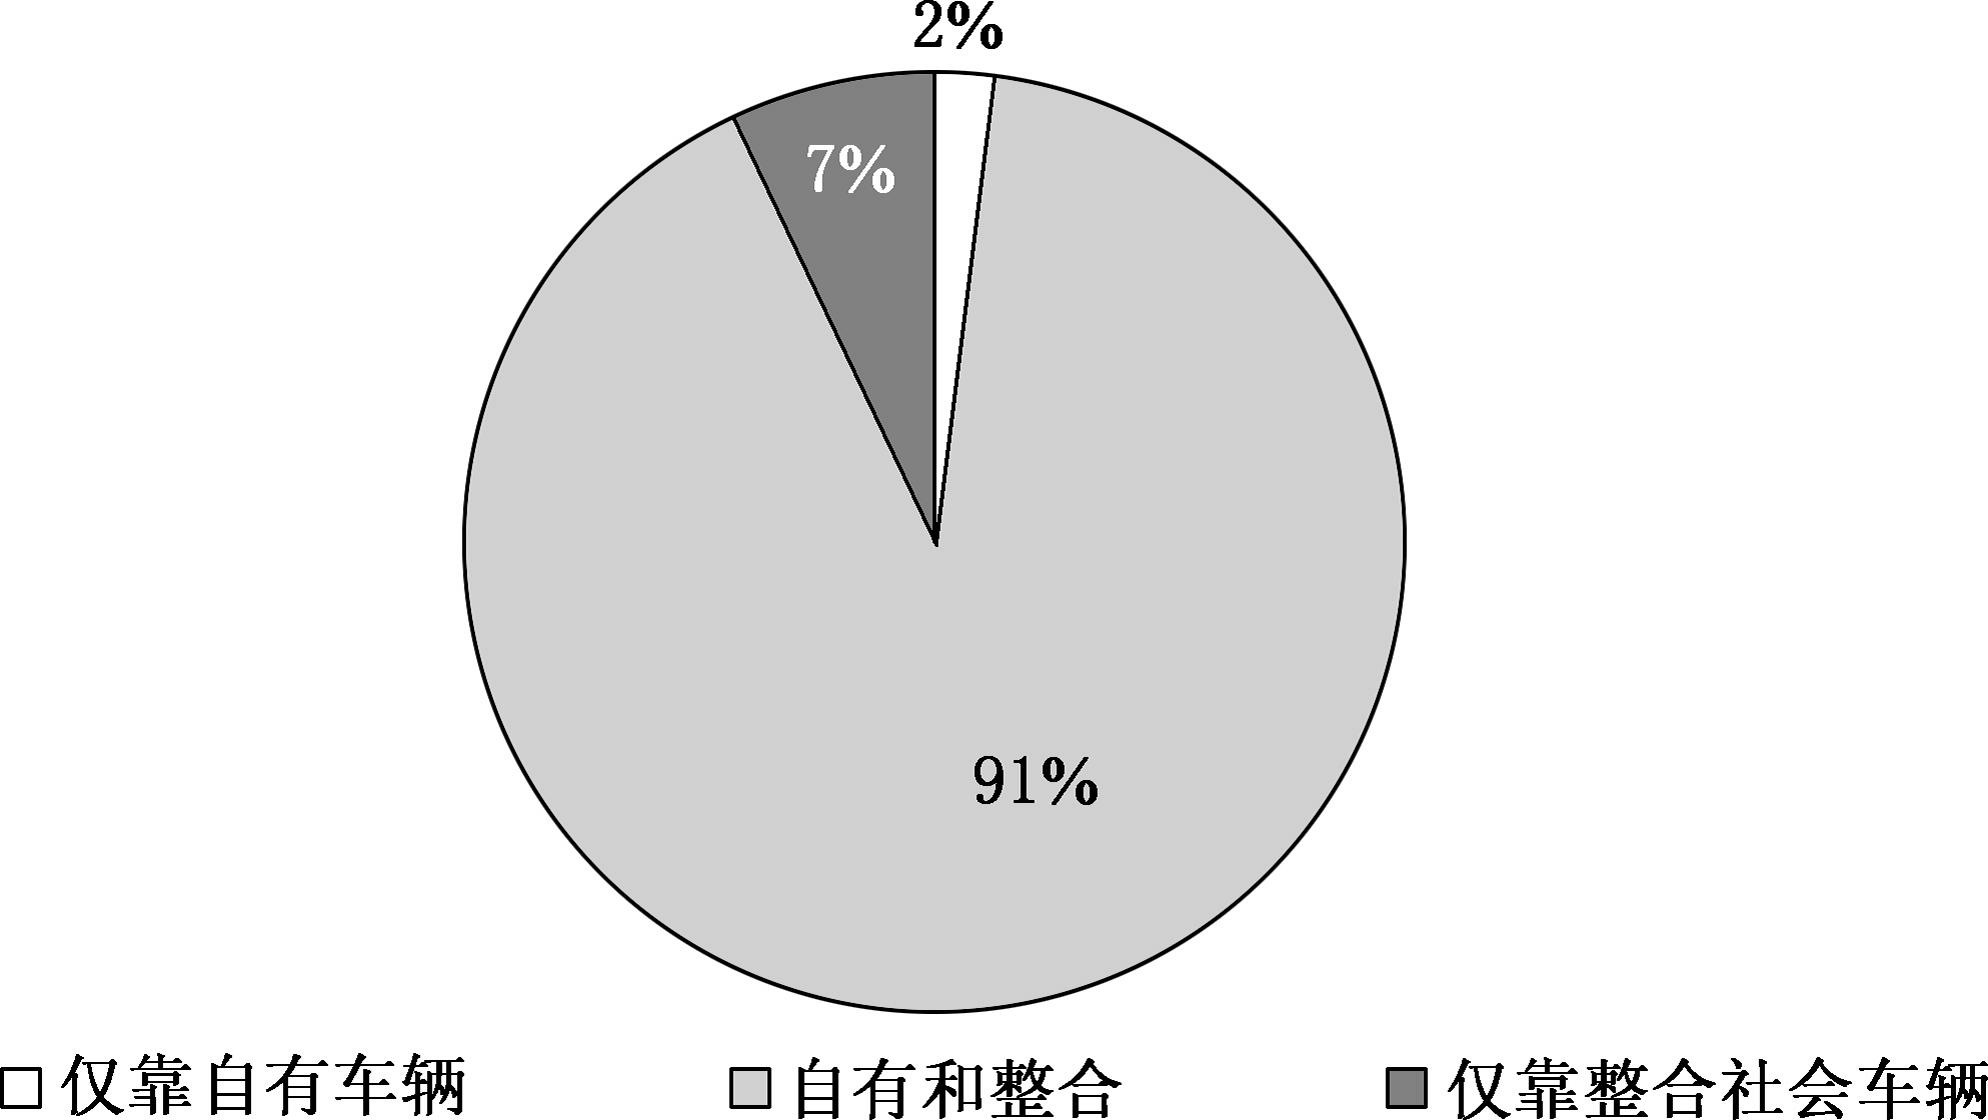 (2)货运车辆规模情况 一一根据统计数据